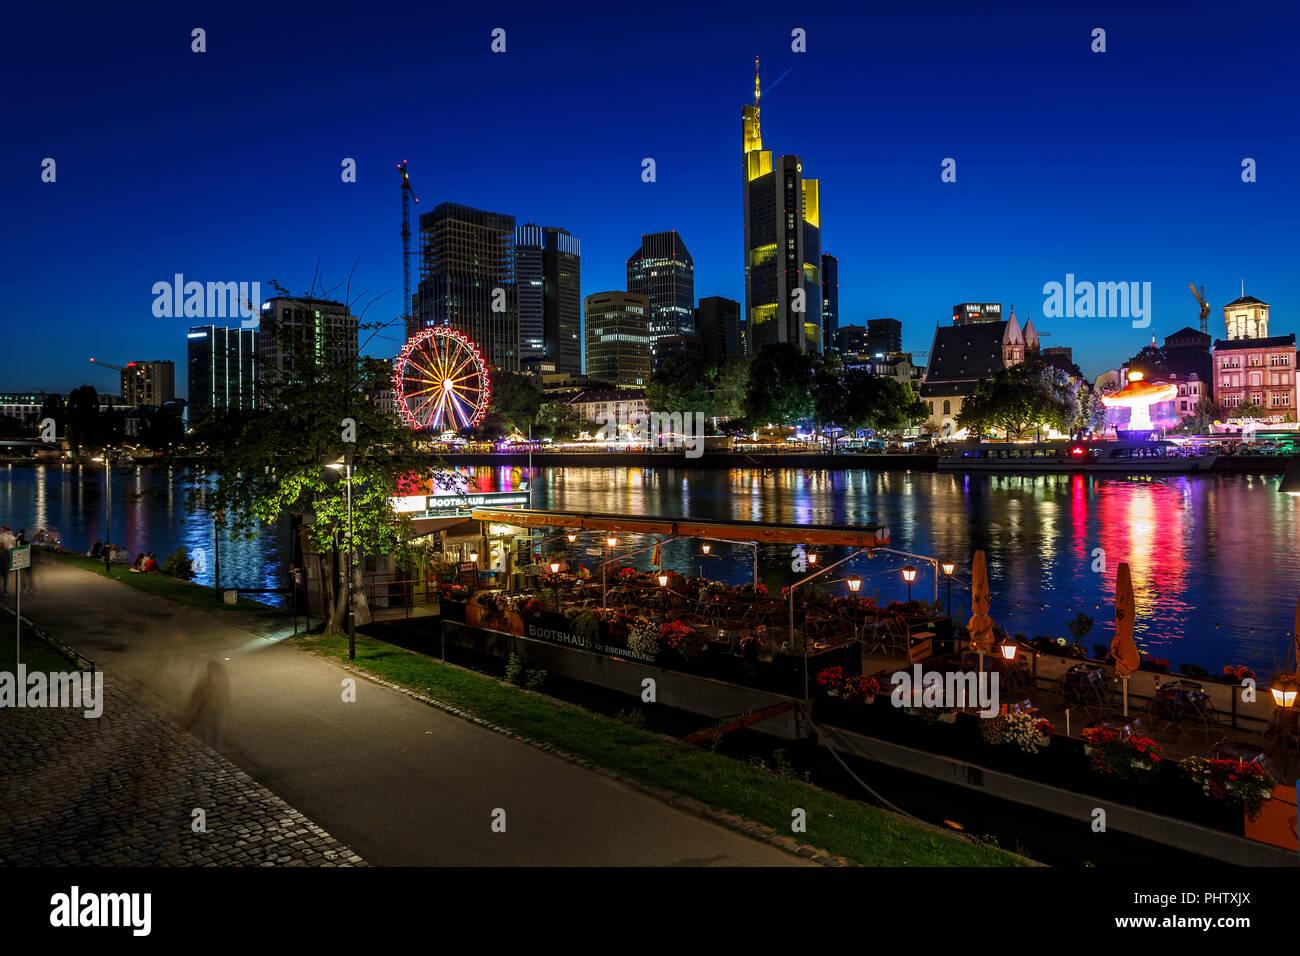 FRANKFURT AM MAIN, Deutschland - 07 August 2017: Frankfurt am Main - die Hauptstadt der Bundesrepublik Deutschland in der Nacht. Blick auf den beleuchteten Wolkenkratzer Stockbild